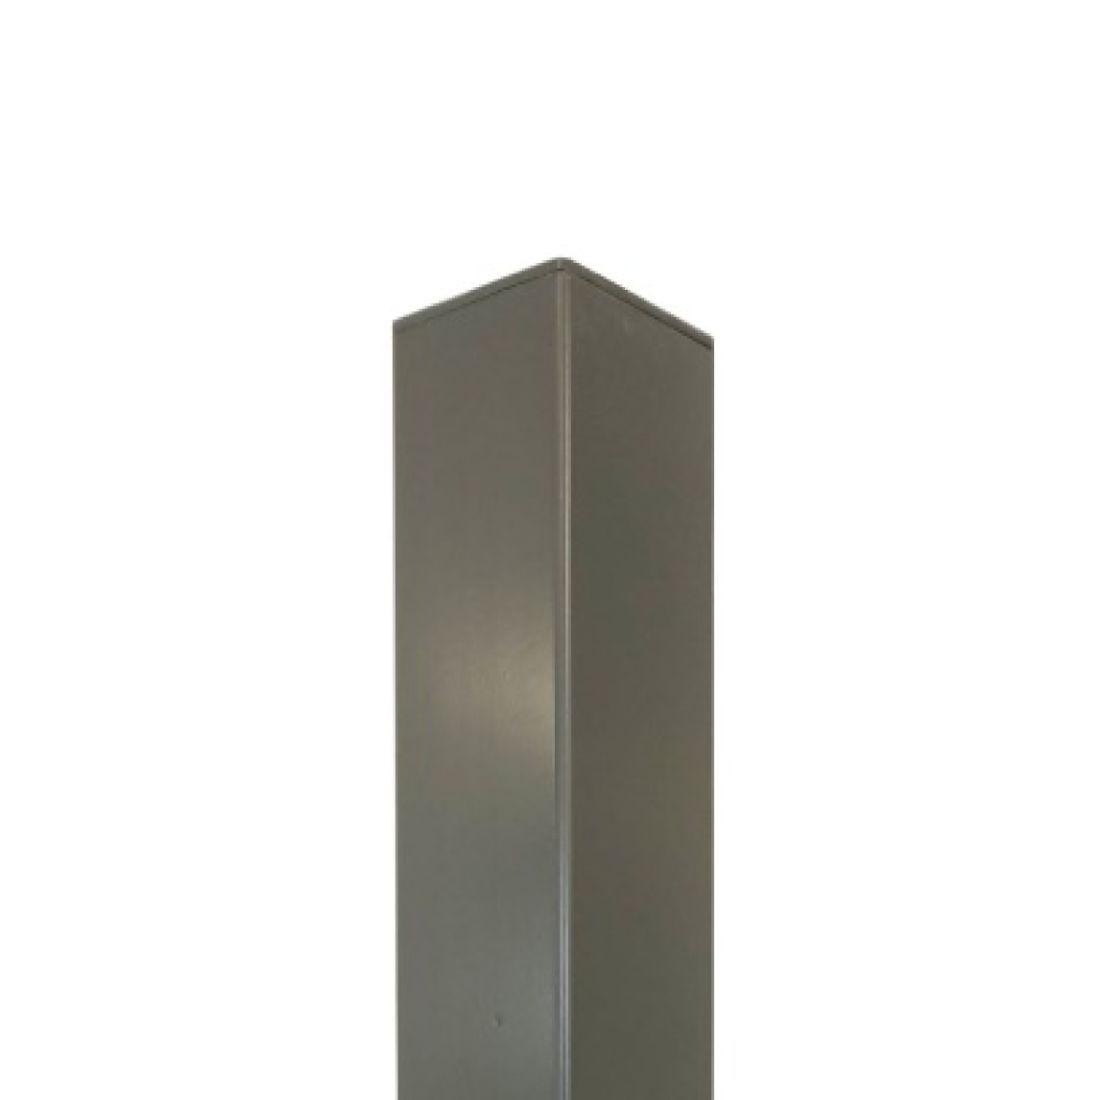 Standard Aluminium Post Grey 2400 x 50 x 50mm ELI-POST-GRY-245050